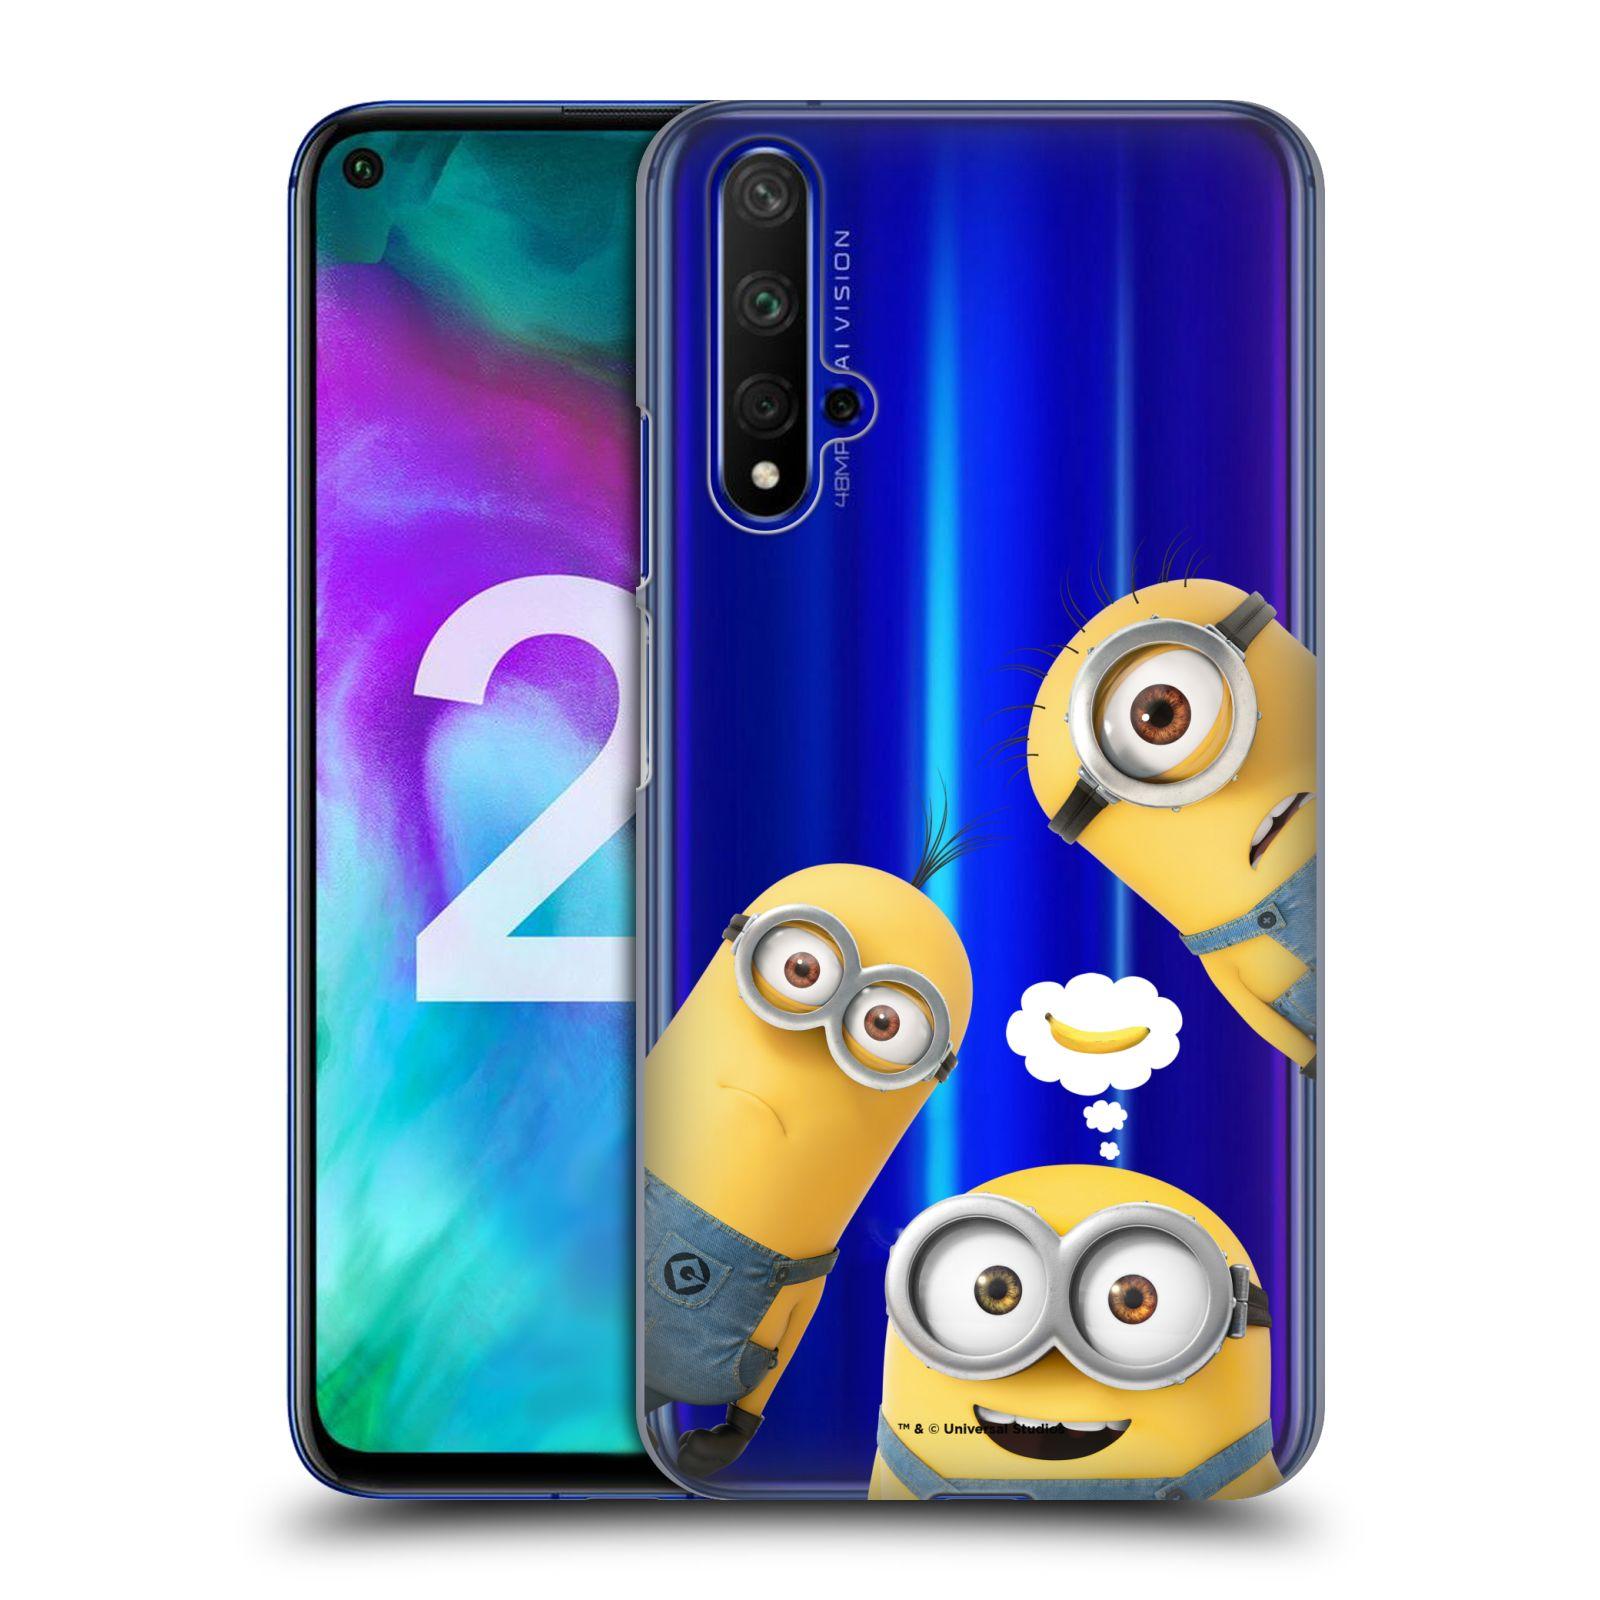 Plastové pouzdro na mobil Honor 20 - Head Case - Mimoni Banana z filmu Já, padouch - Despicable Me